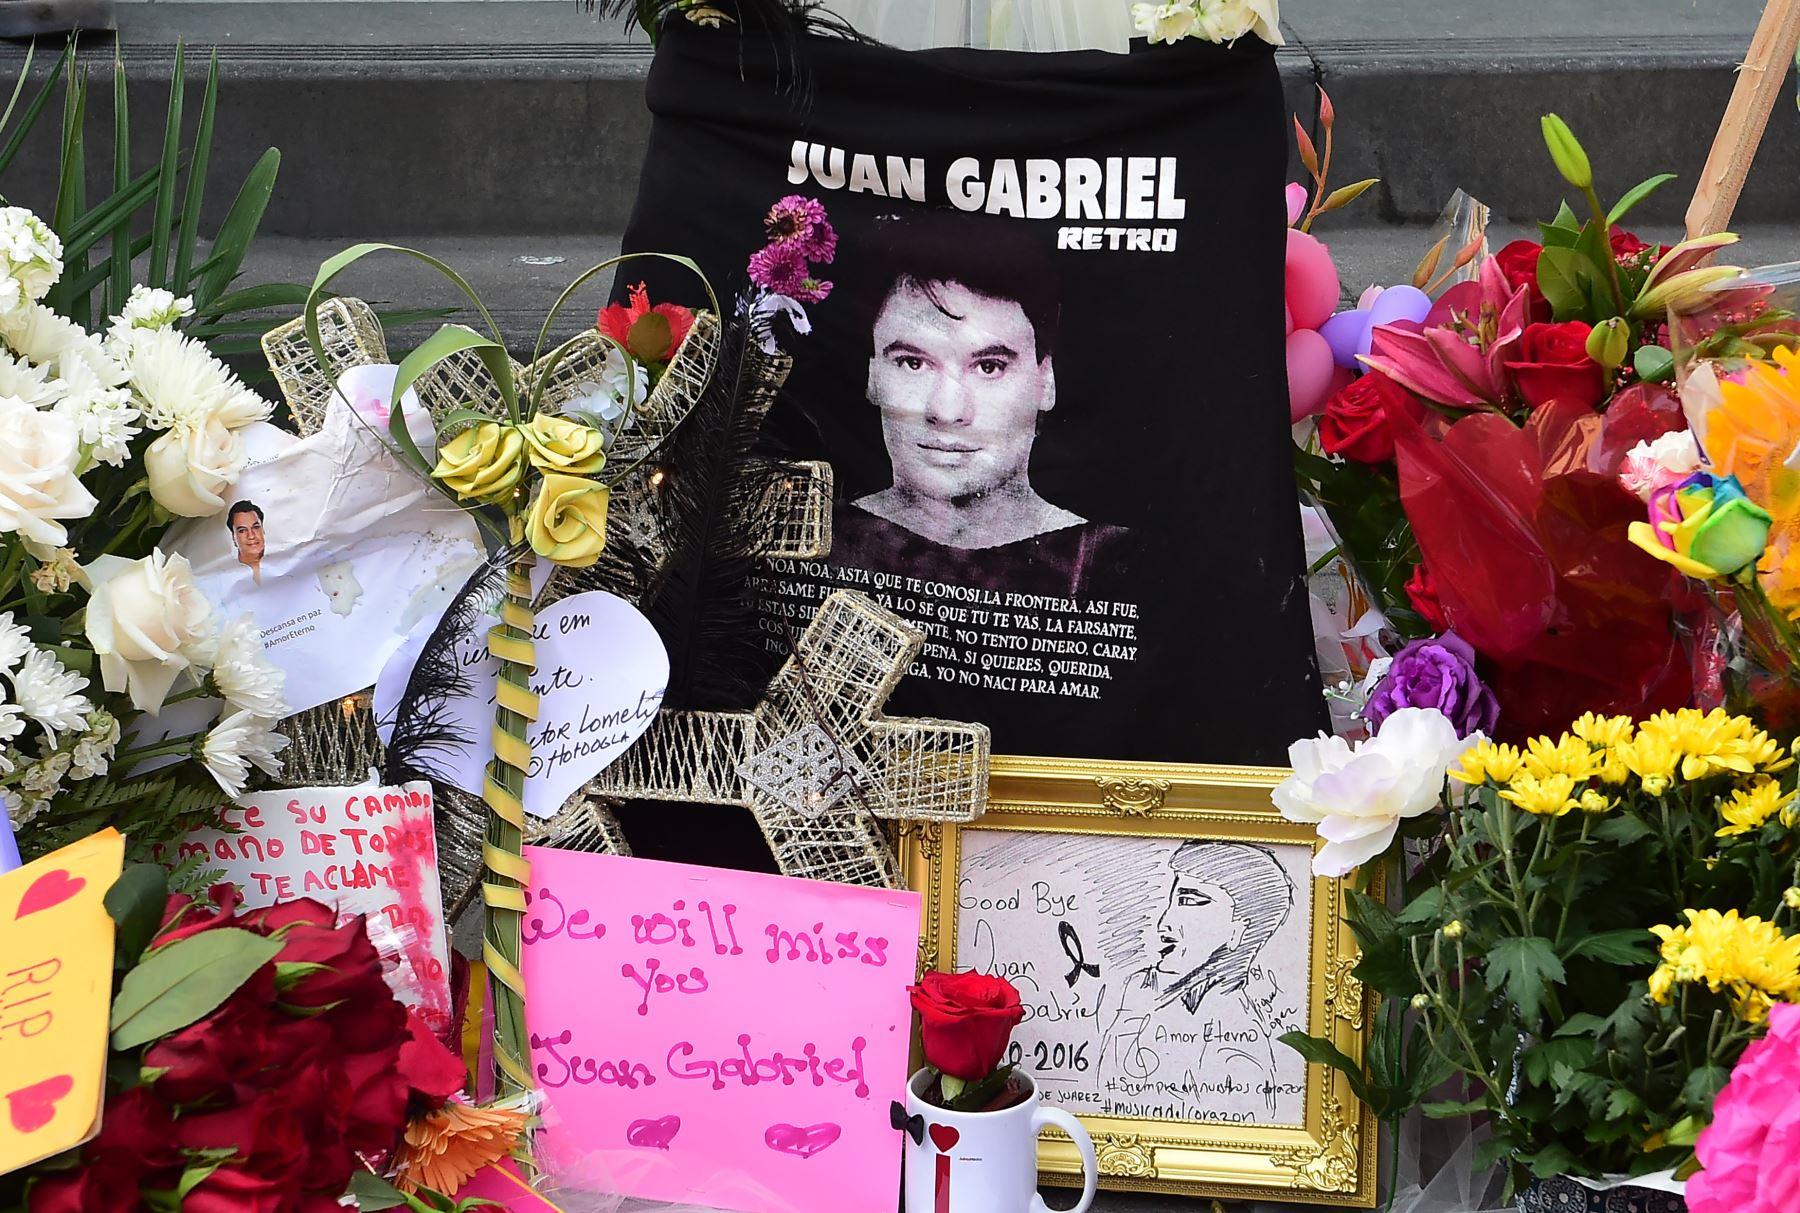 La gente se reúne en el Paseo de la fama en Hollywood en homenaje al cantante Juan Gabriel. Foto: AFP